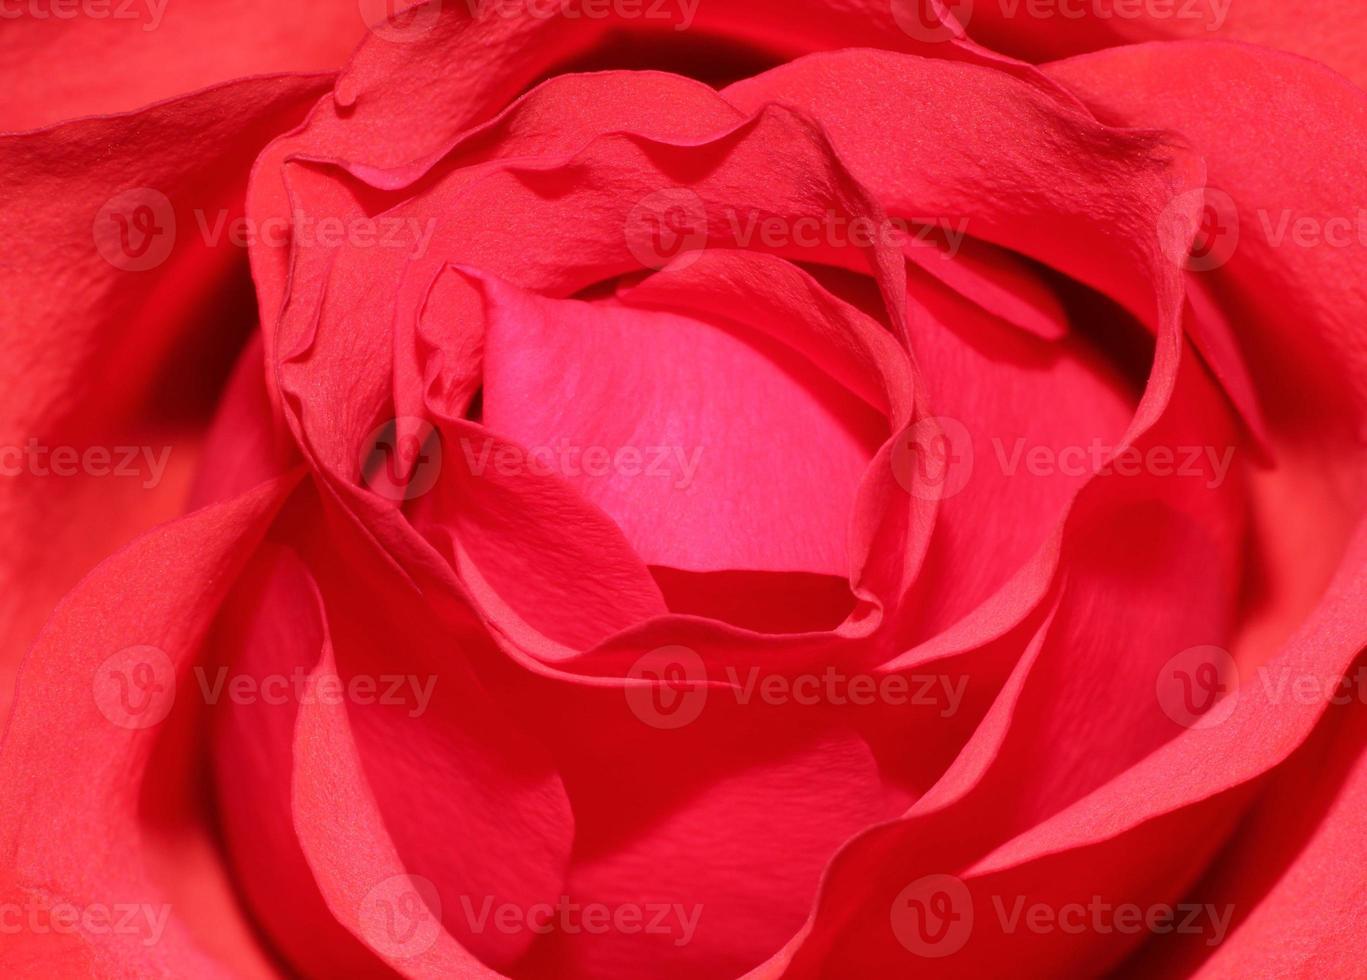 rosa rossa di San Valentino foto